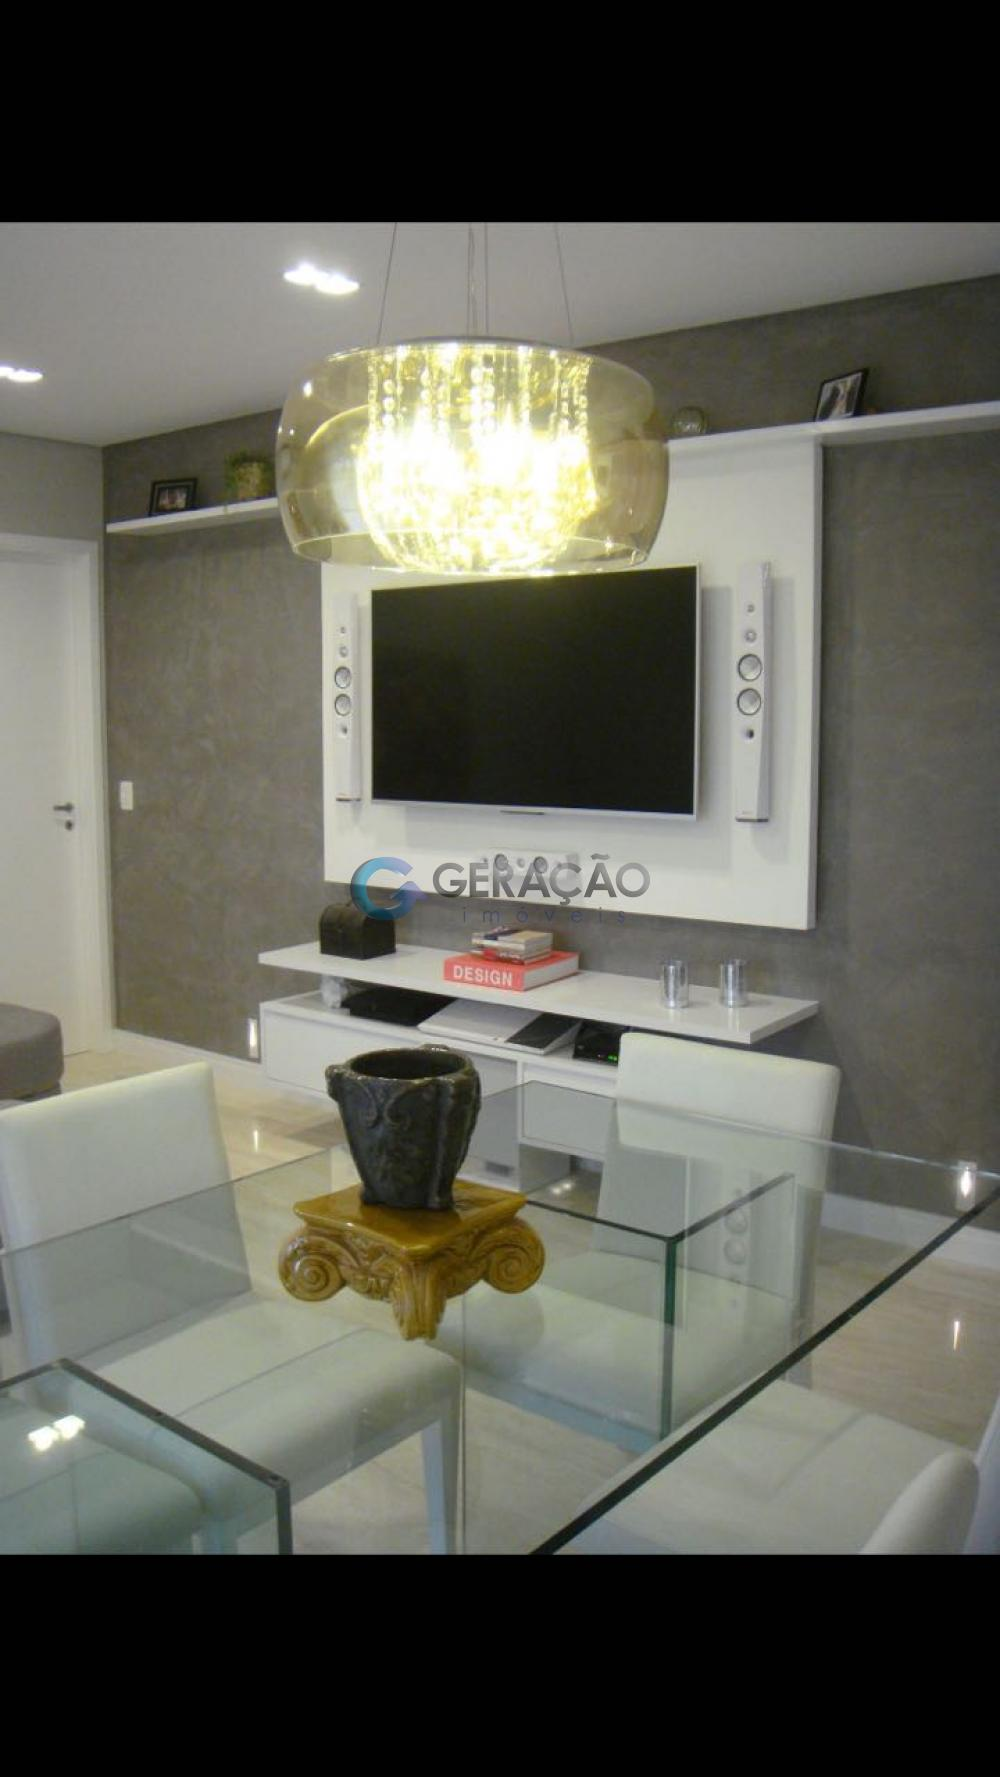 Comprar Apartamento / Padrão em São José dos Campos R$ 930.000,00 - Foto 4